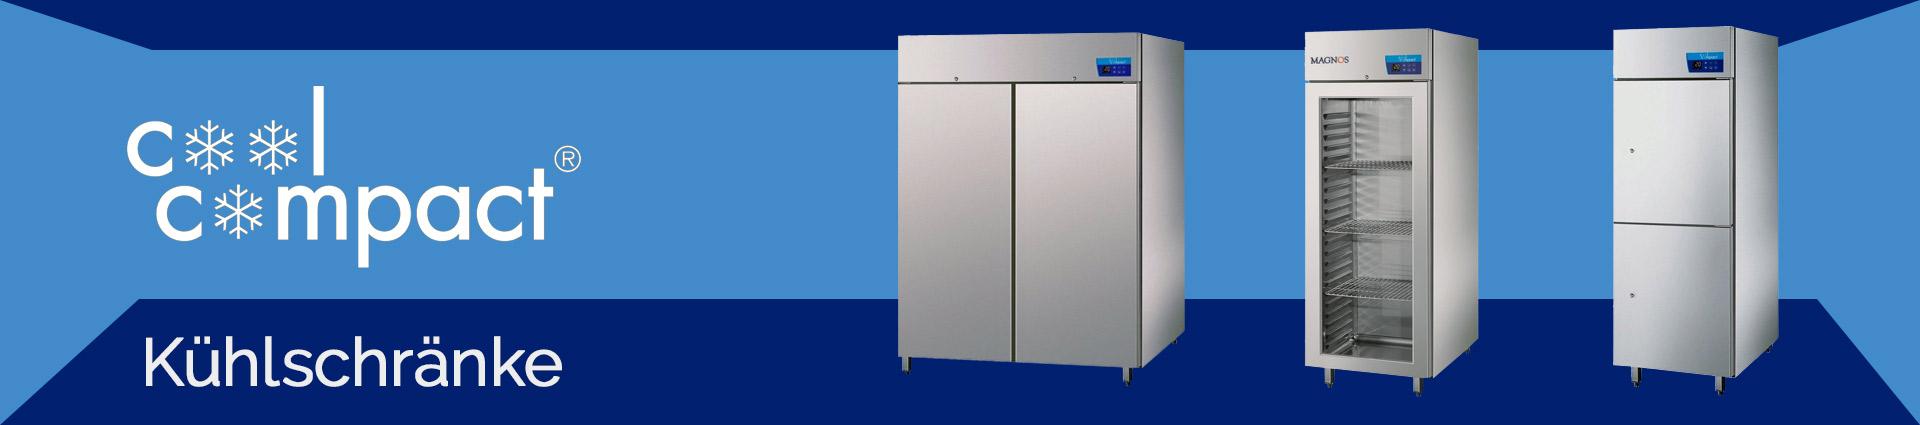 Cool Compact Kühlschränke Banner